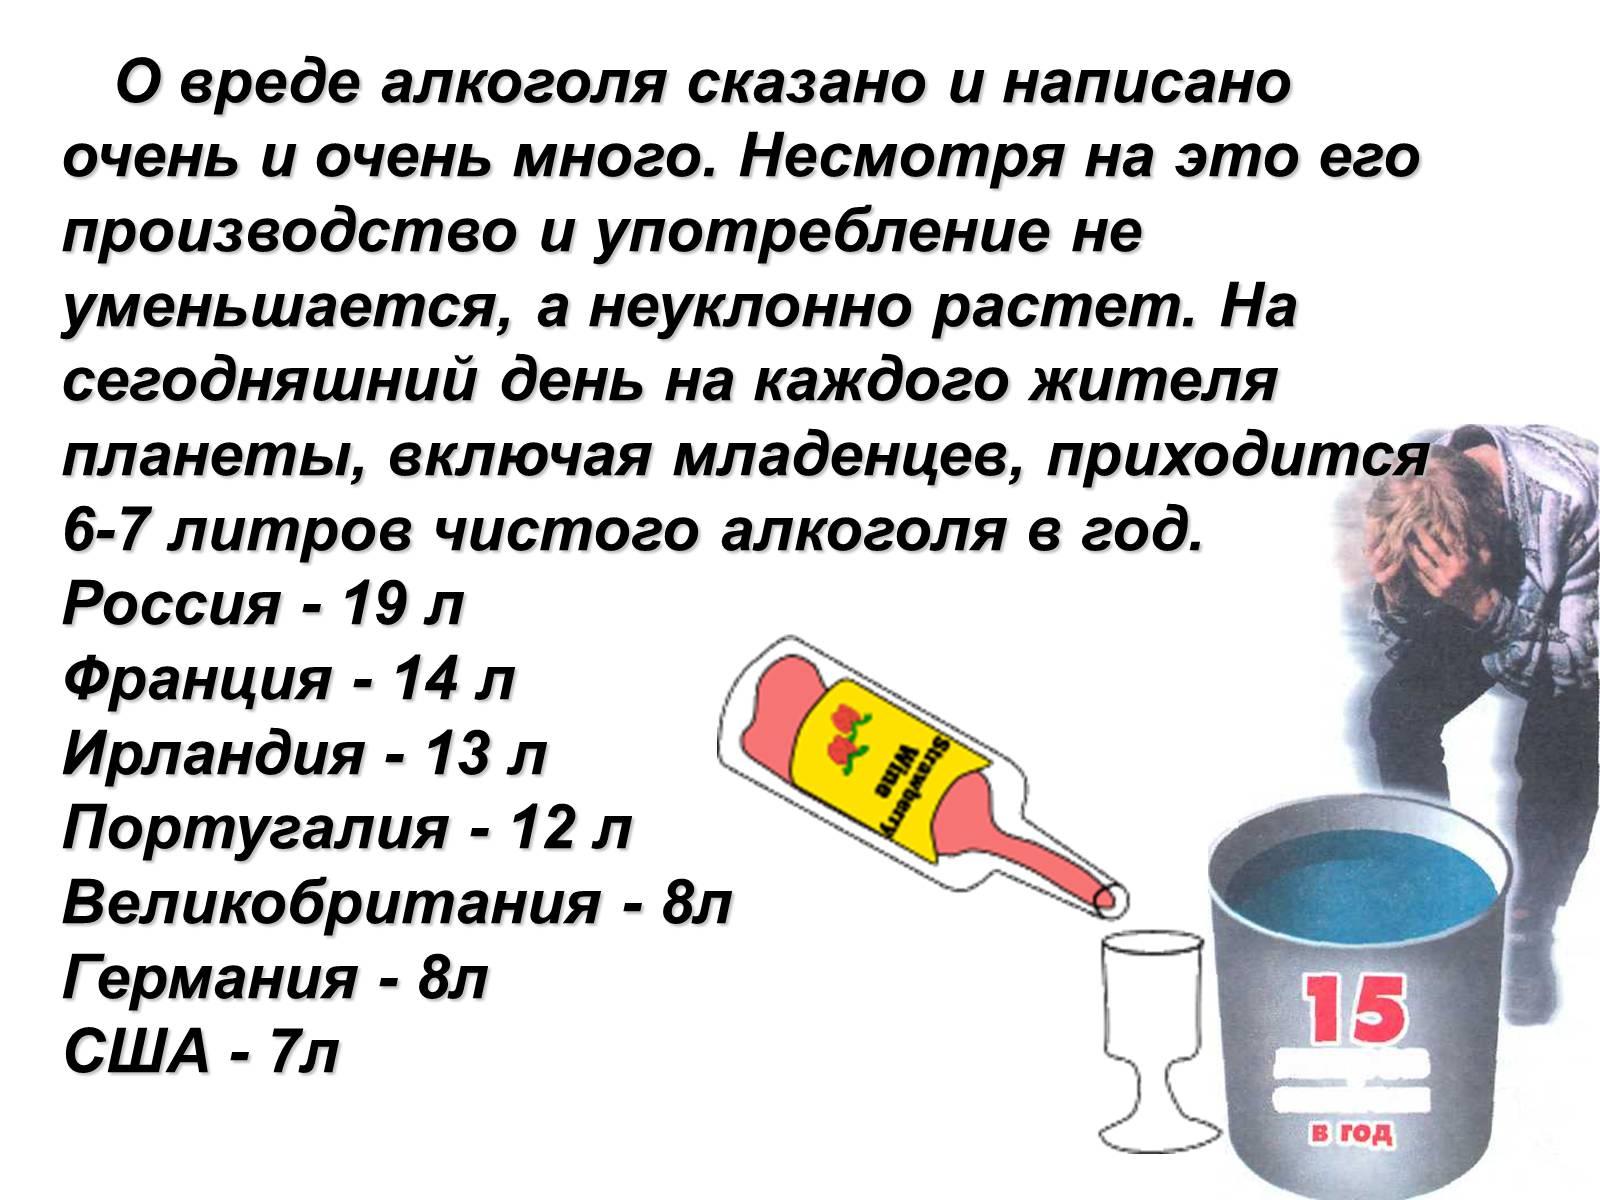 статья о вреде алкоголя картинки